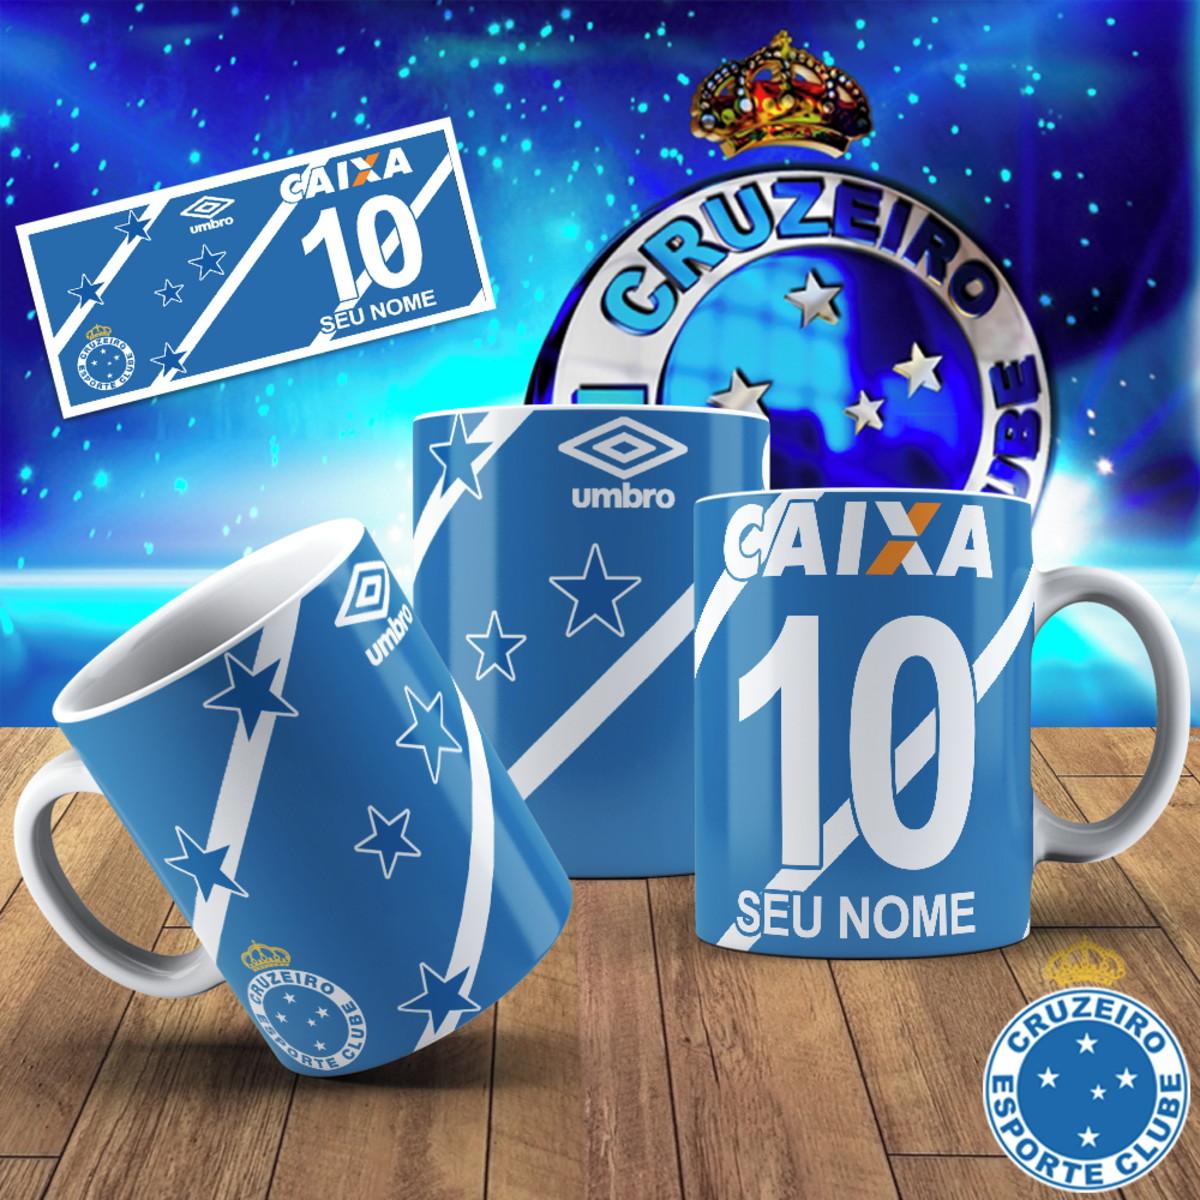 298bd1f31c4b9 Caneca cerâmica - Cruzeiro personalizada no Elo7